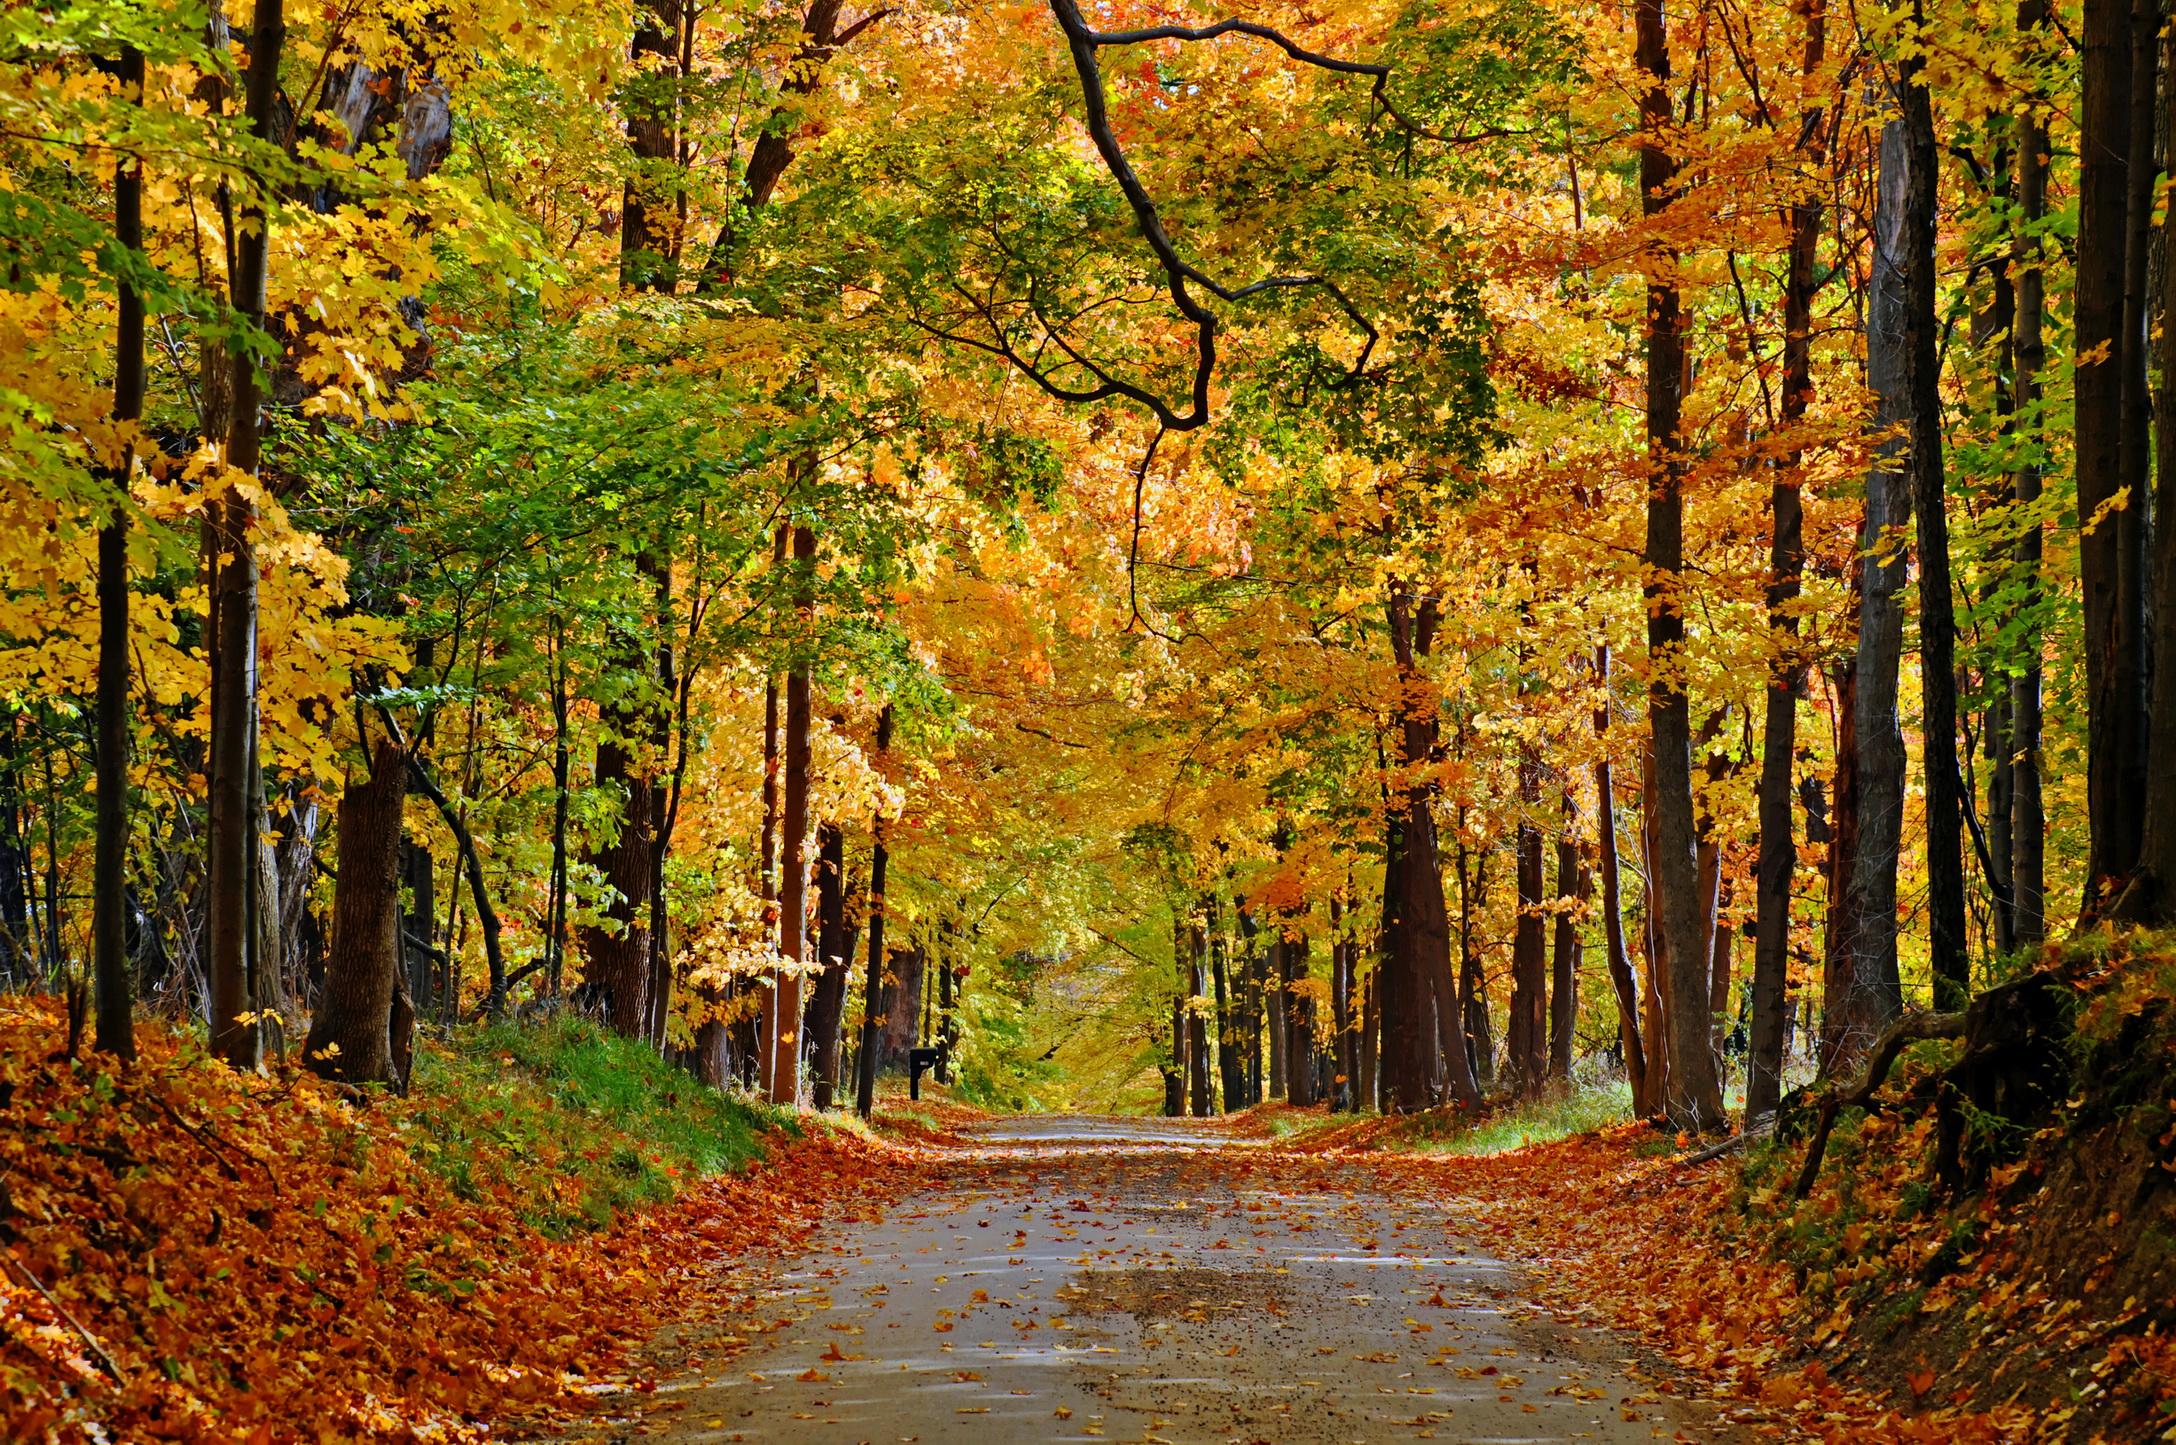 Осенний лиственный лес  № 3193643 бесплатно